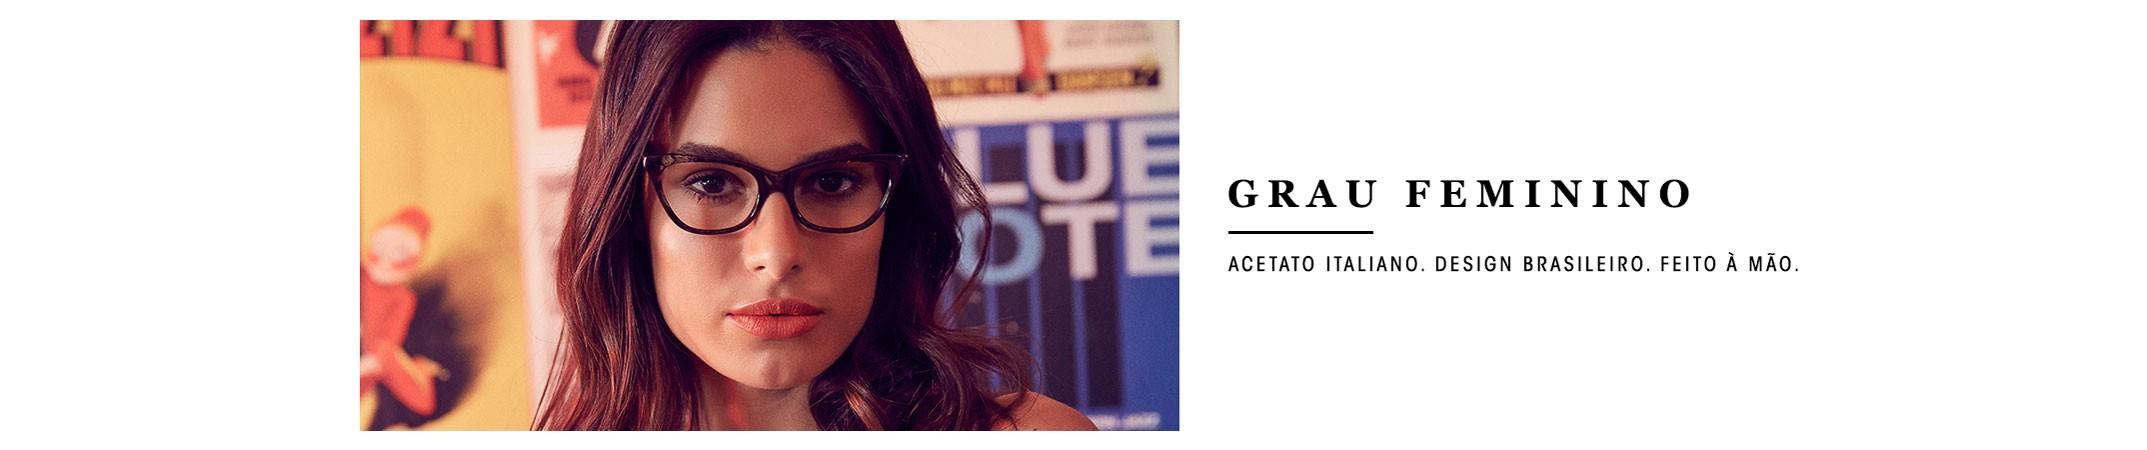 Óculos de Grau Femininos - LIVO 0f57846e71